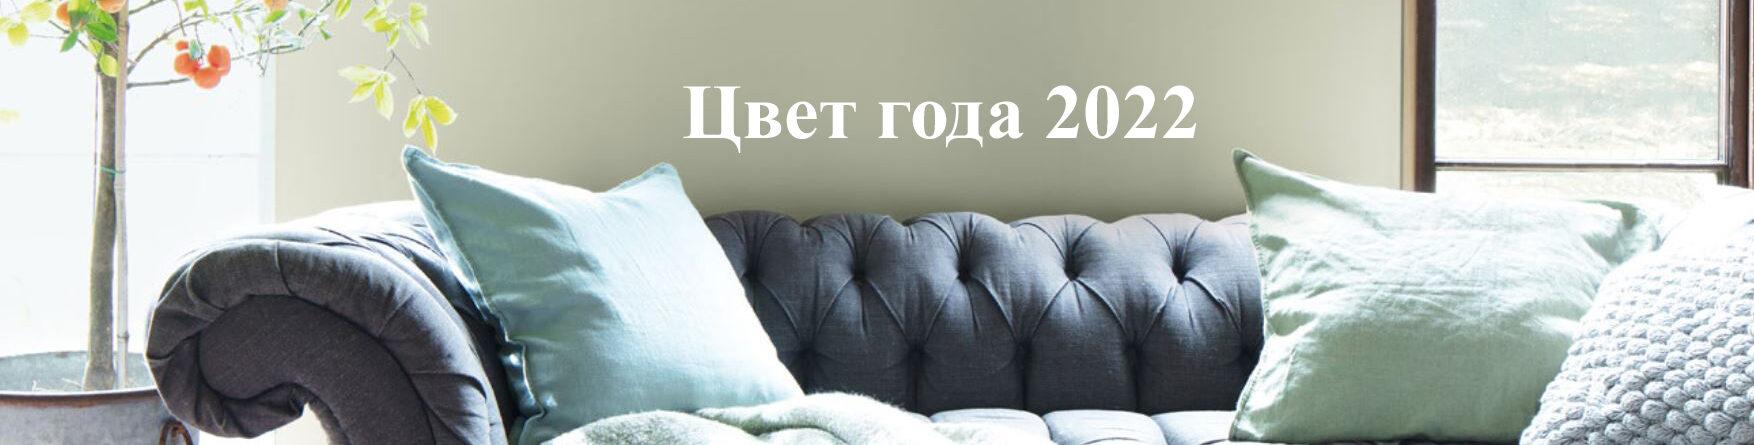 Цветовые тенденции 2022 года